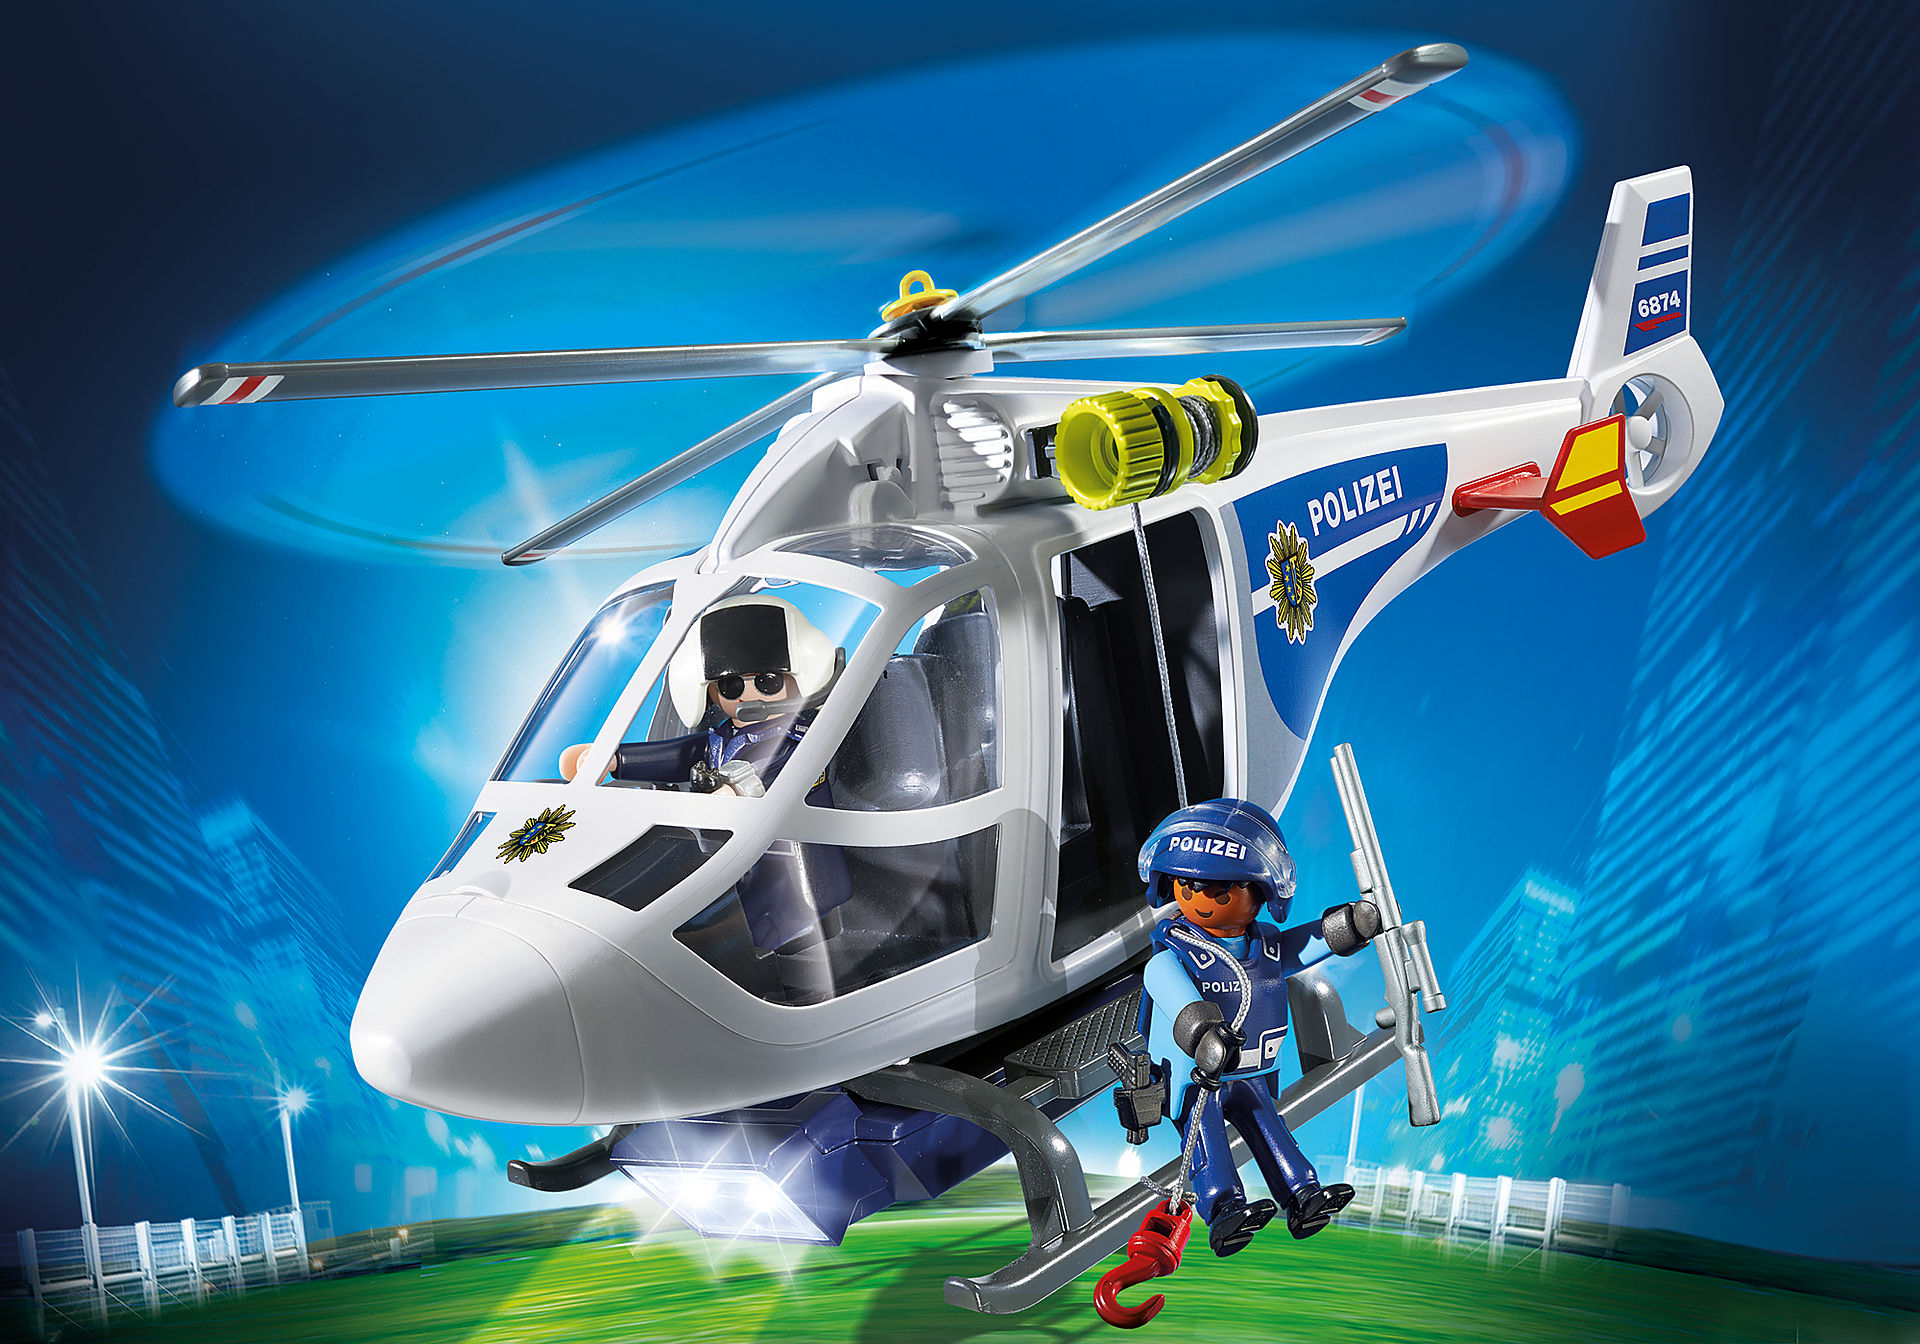 6874 Polizei-Helikopter mit LED-Suchscheinwerfer zoom image1